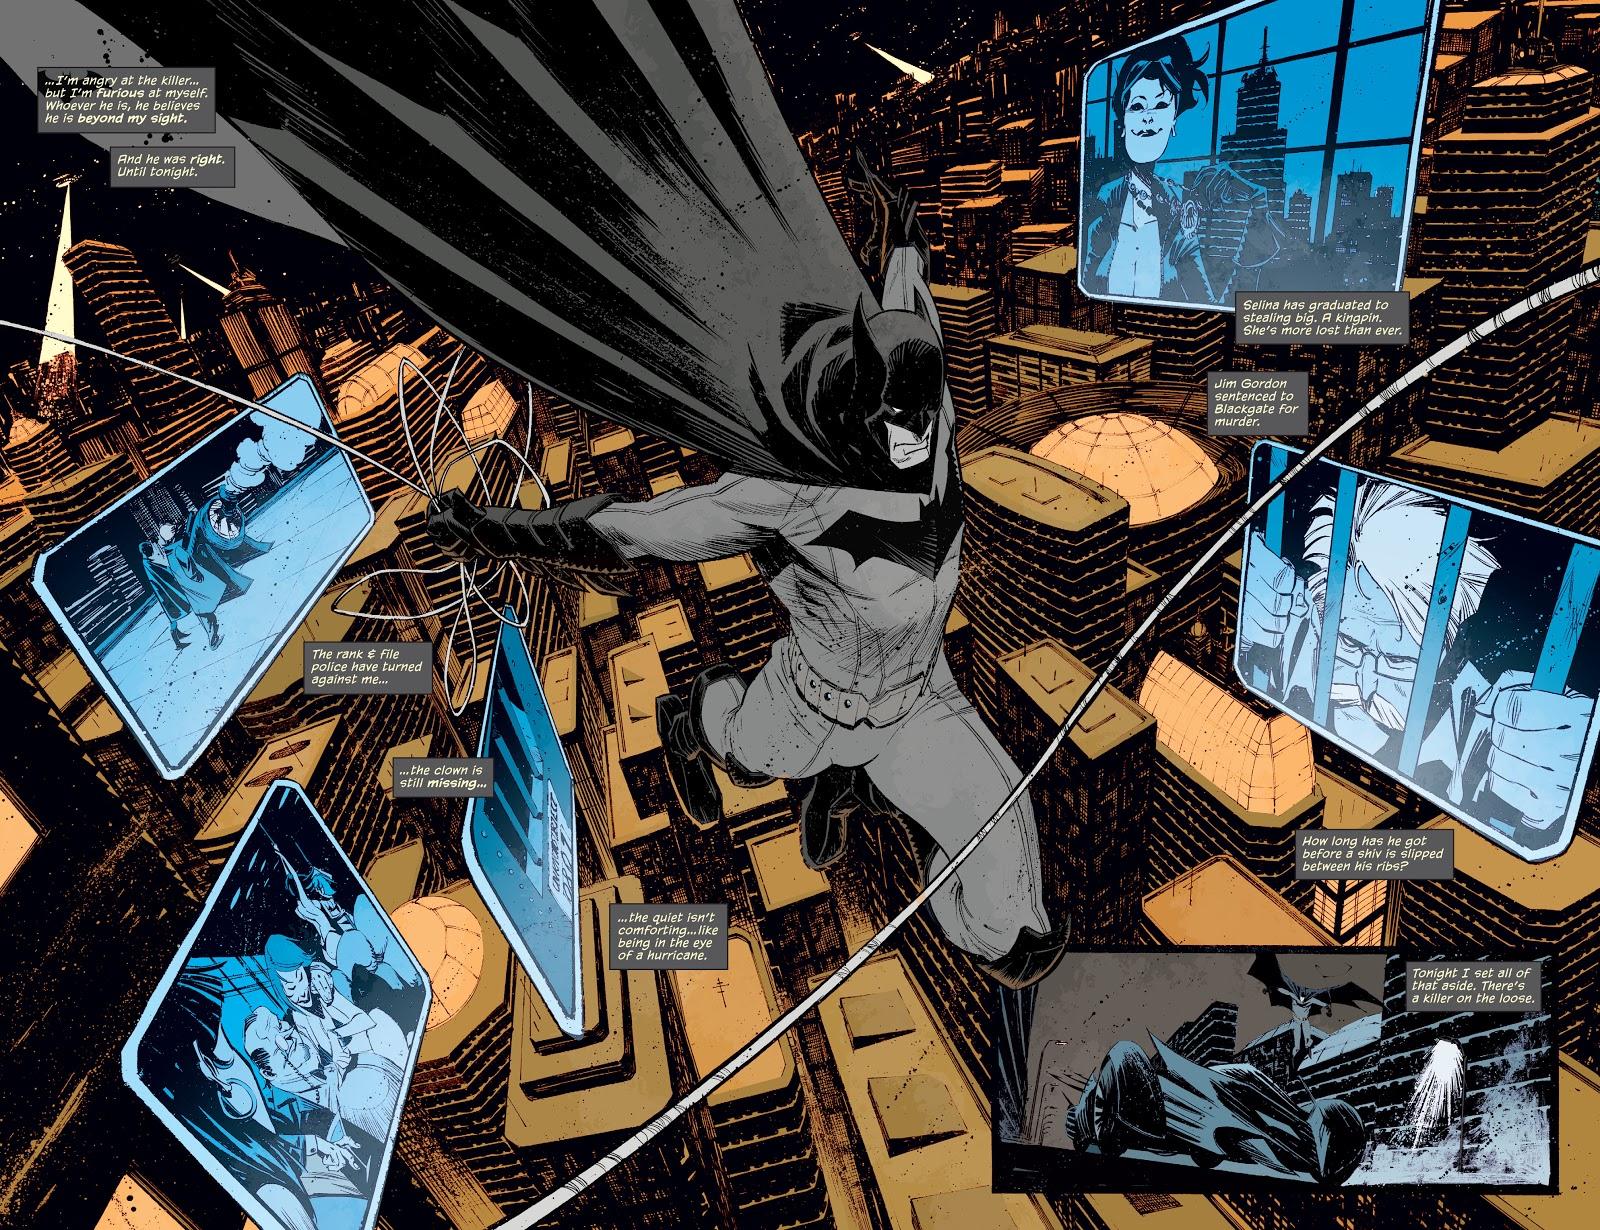 Batman Vol. 2 #34